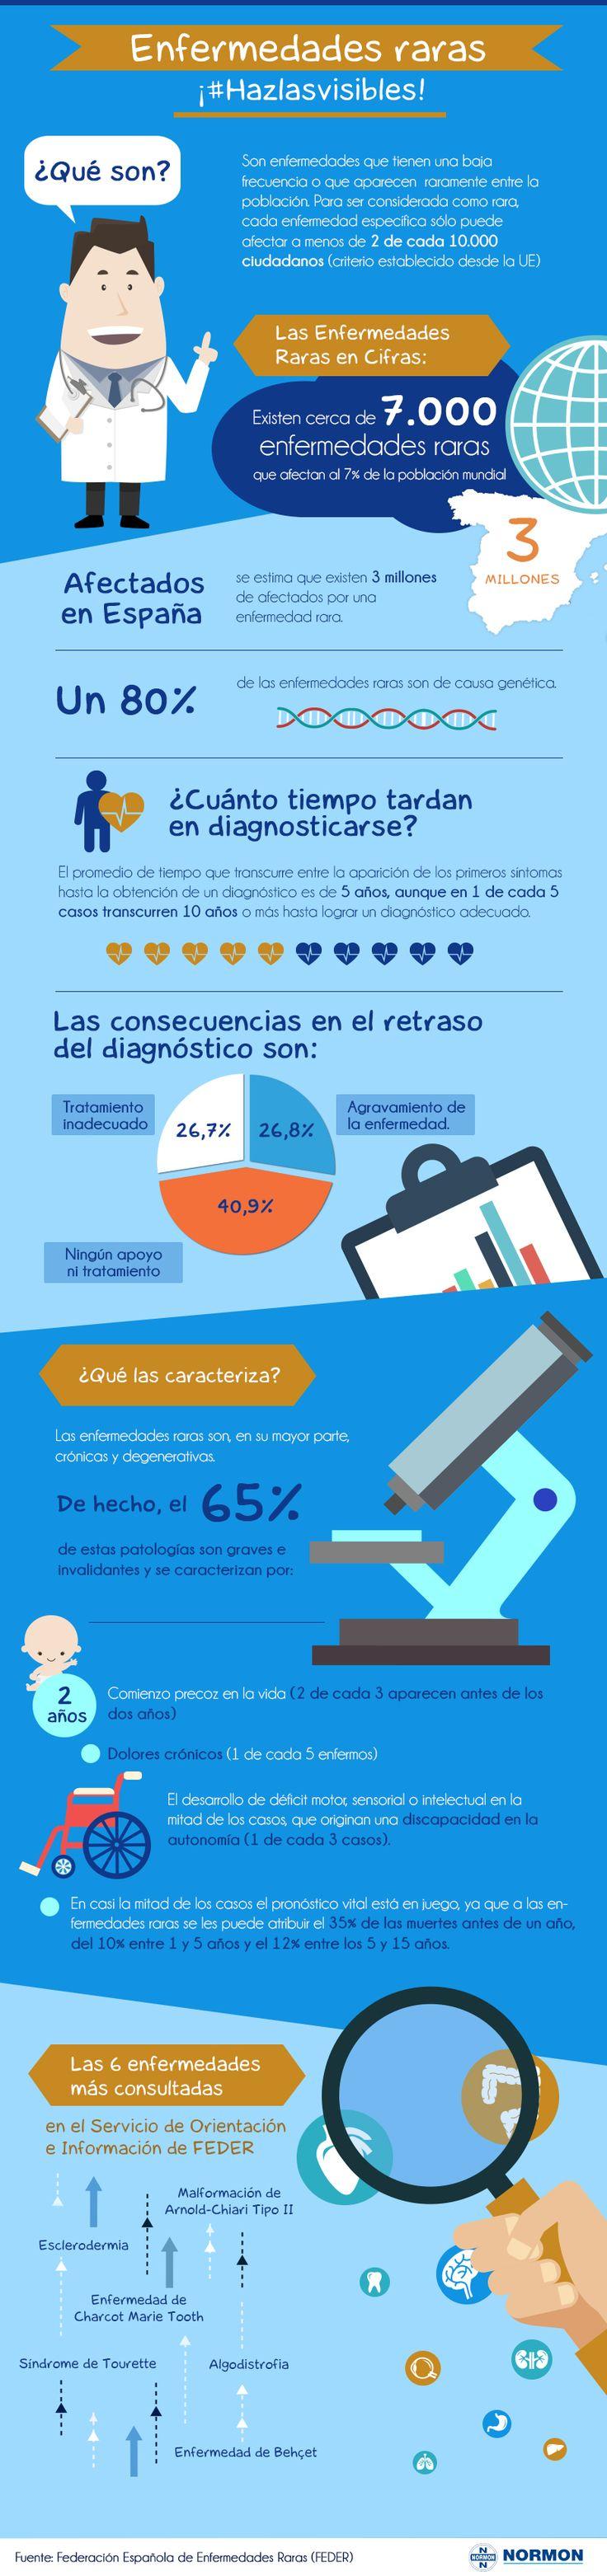 28 de #febrero, Día Mundial de las Enfermedades Raras, #Hazlasvisibles! #infografía